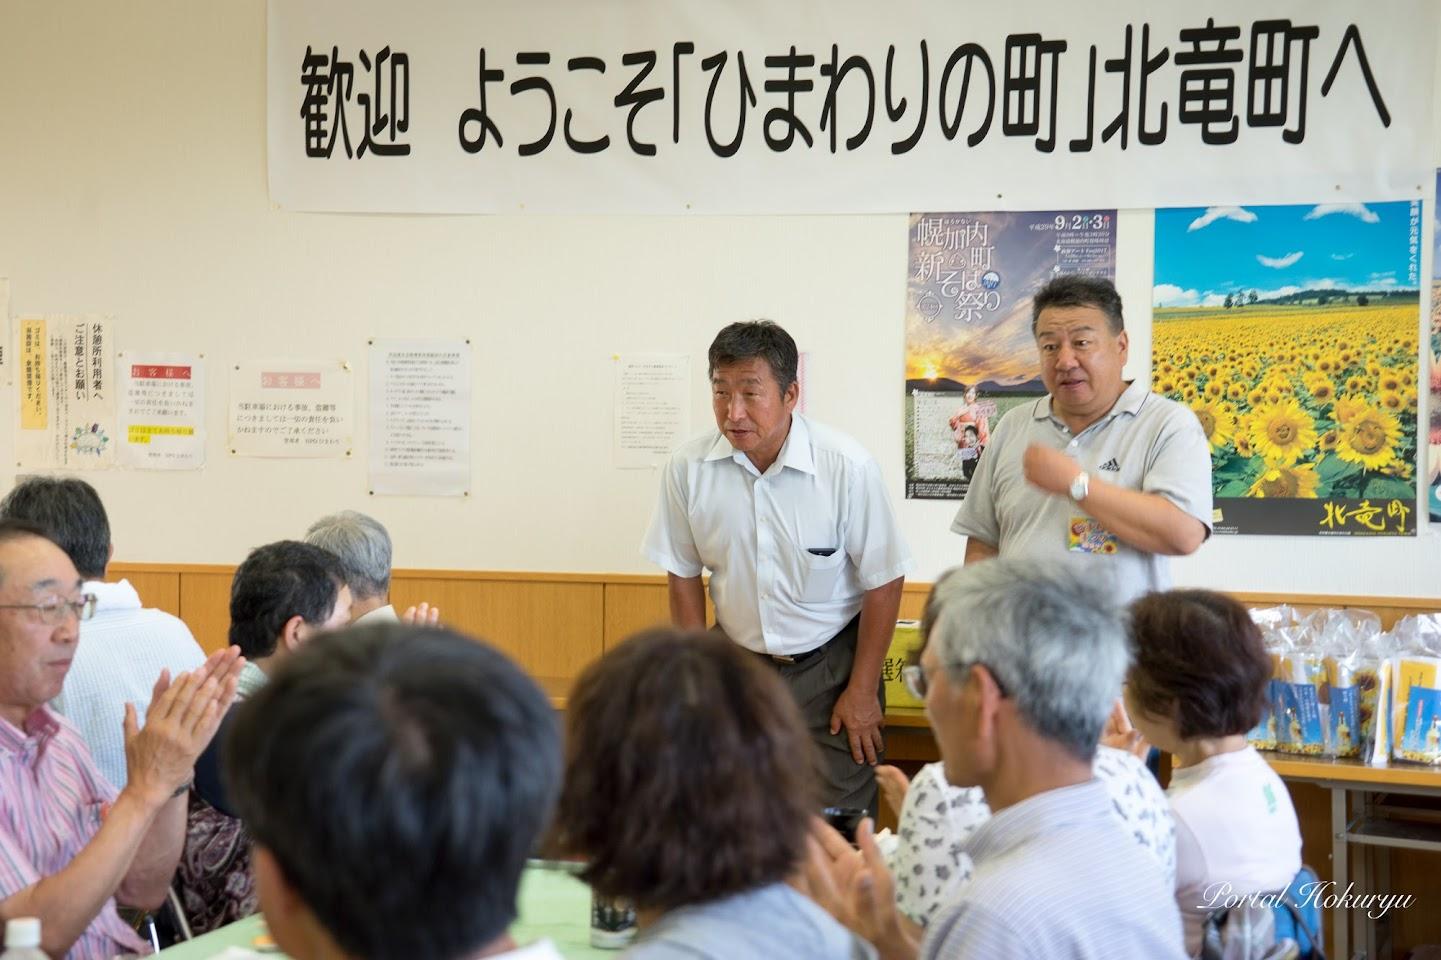 北竜町畑作生産組合・藤井二郎 組合長(左)と役場産業課・有馬一志 課長(右)